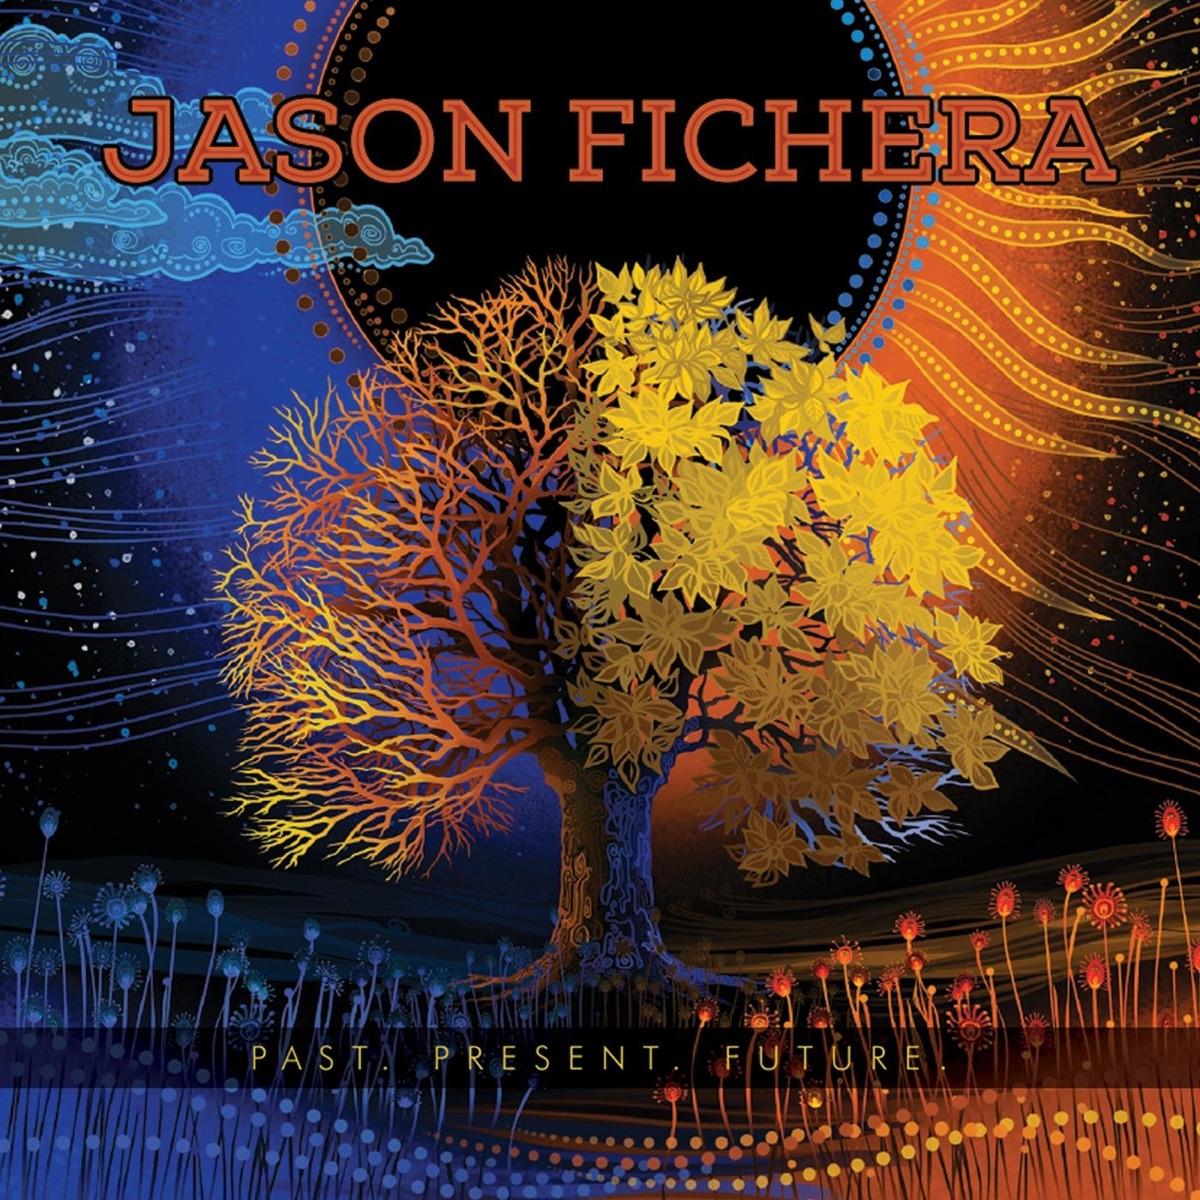 Past Present Future - EP Jason Fichera CD cover